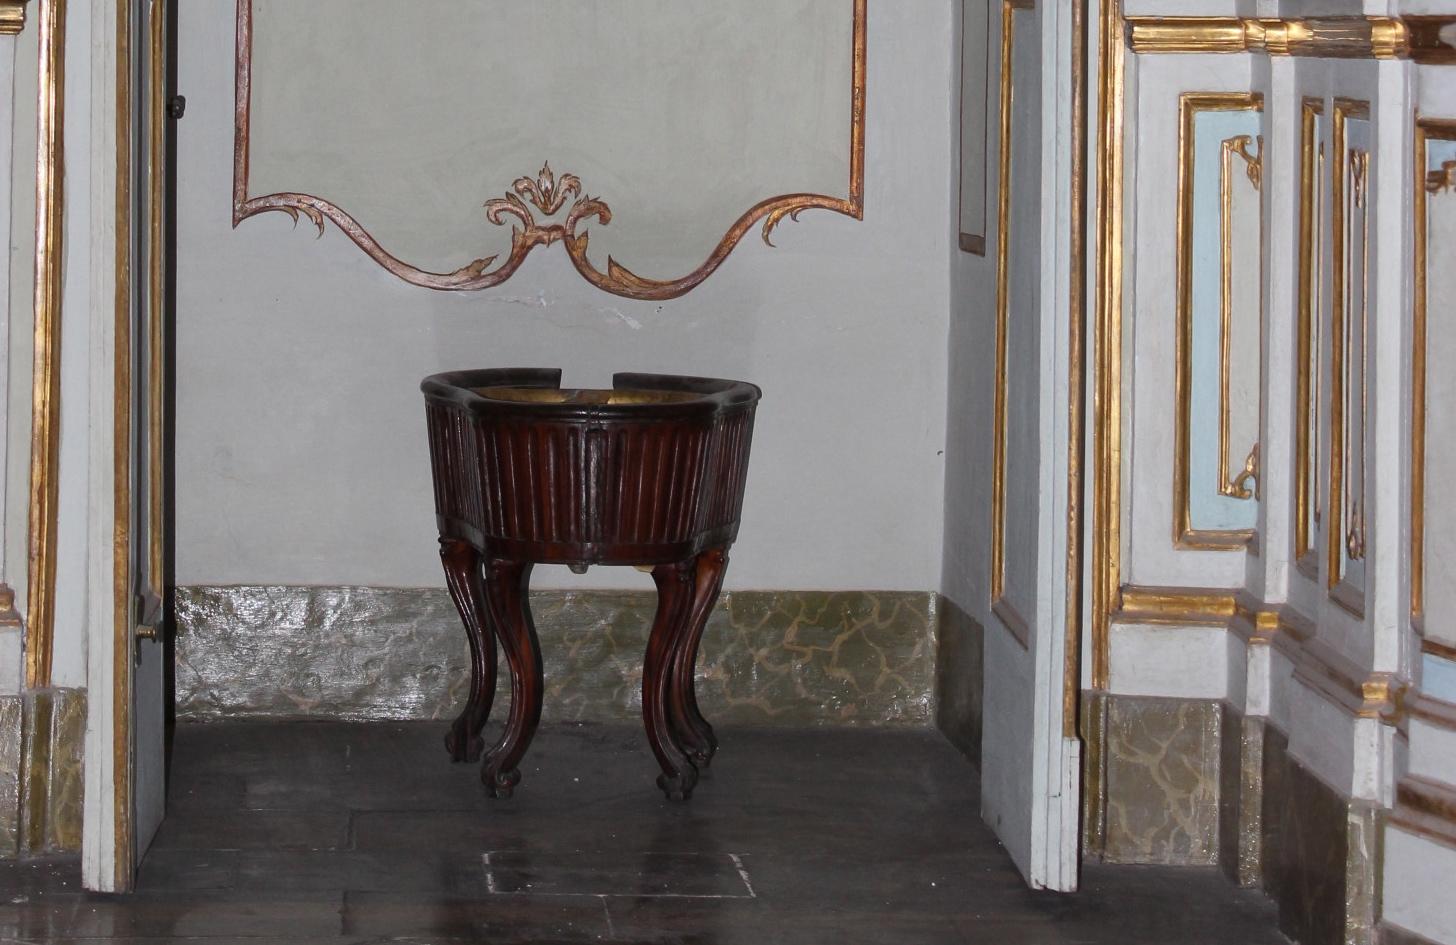 Il bidet nella Reggia di Caserta (fonte: https://www.besidebathrooms.com/)